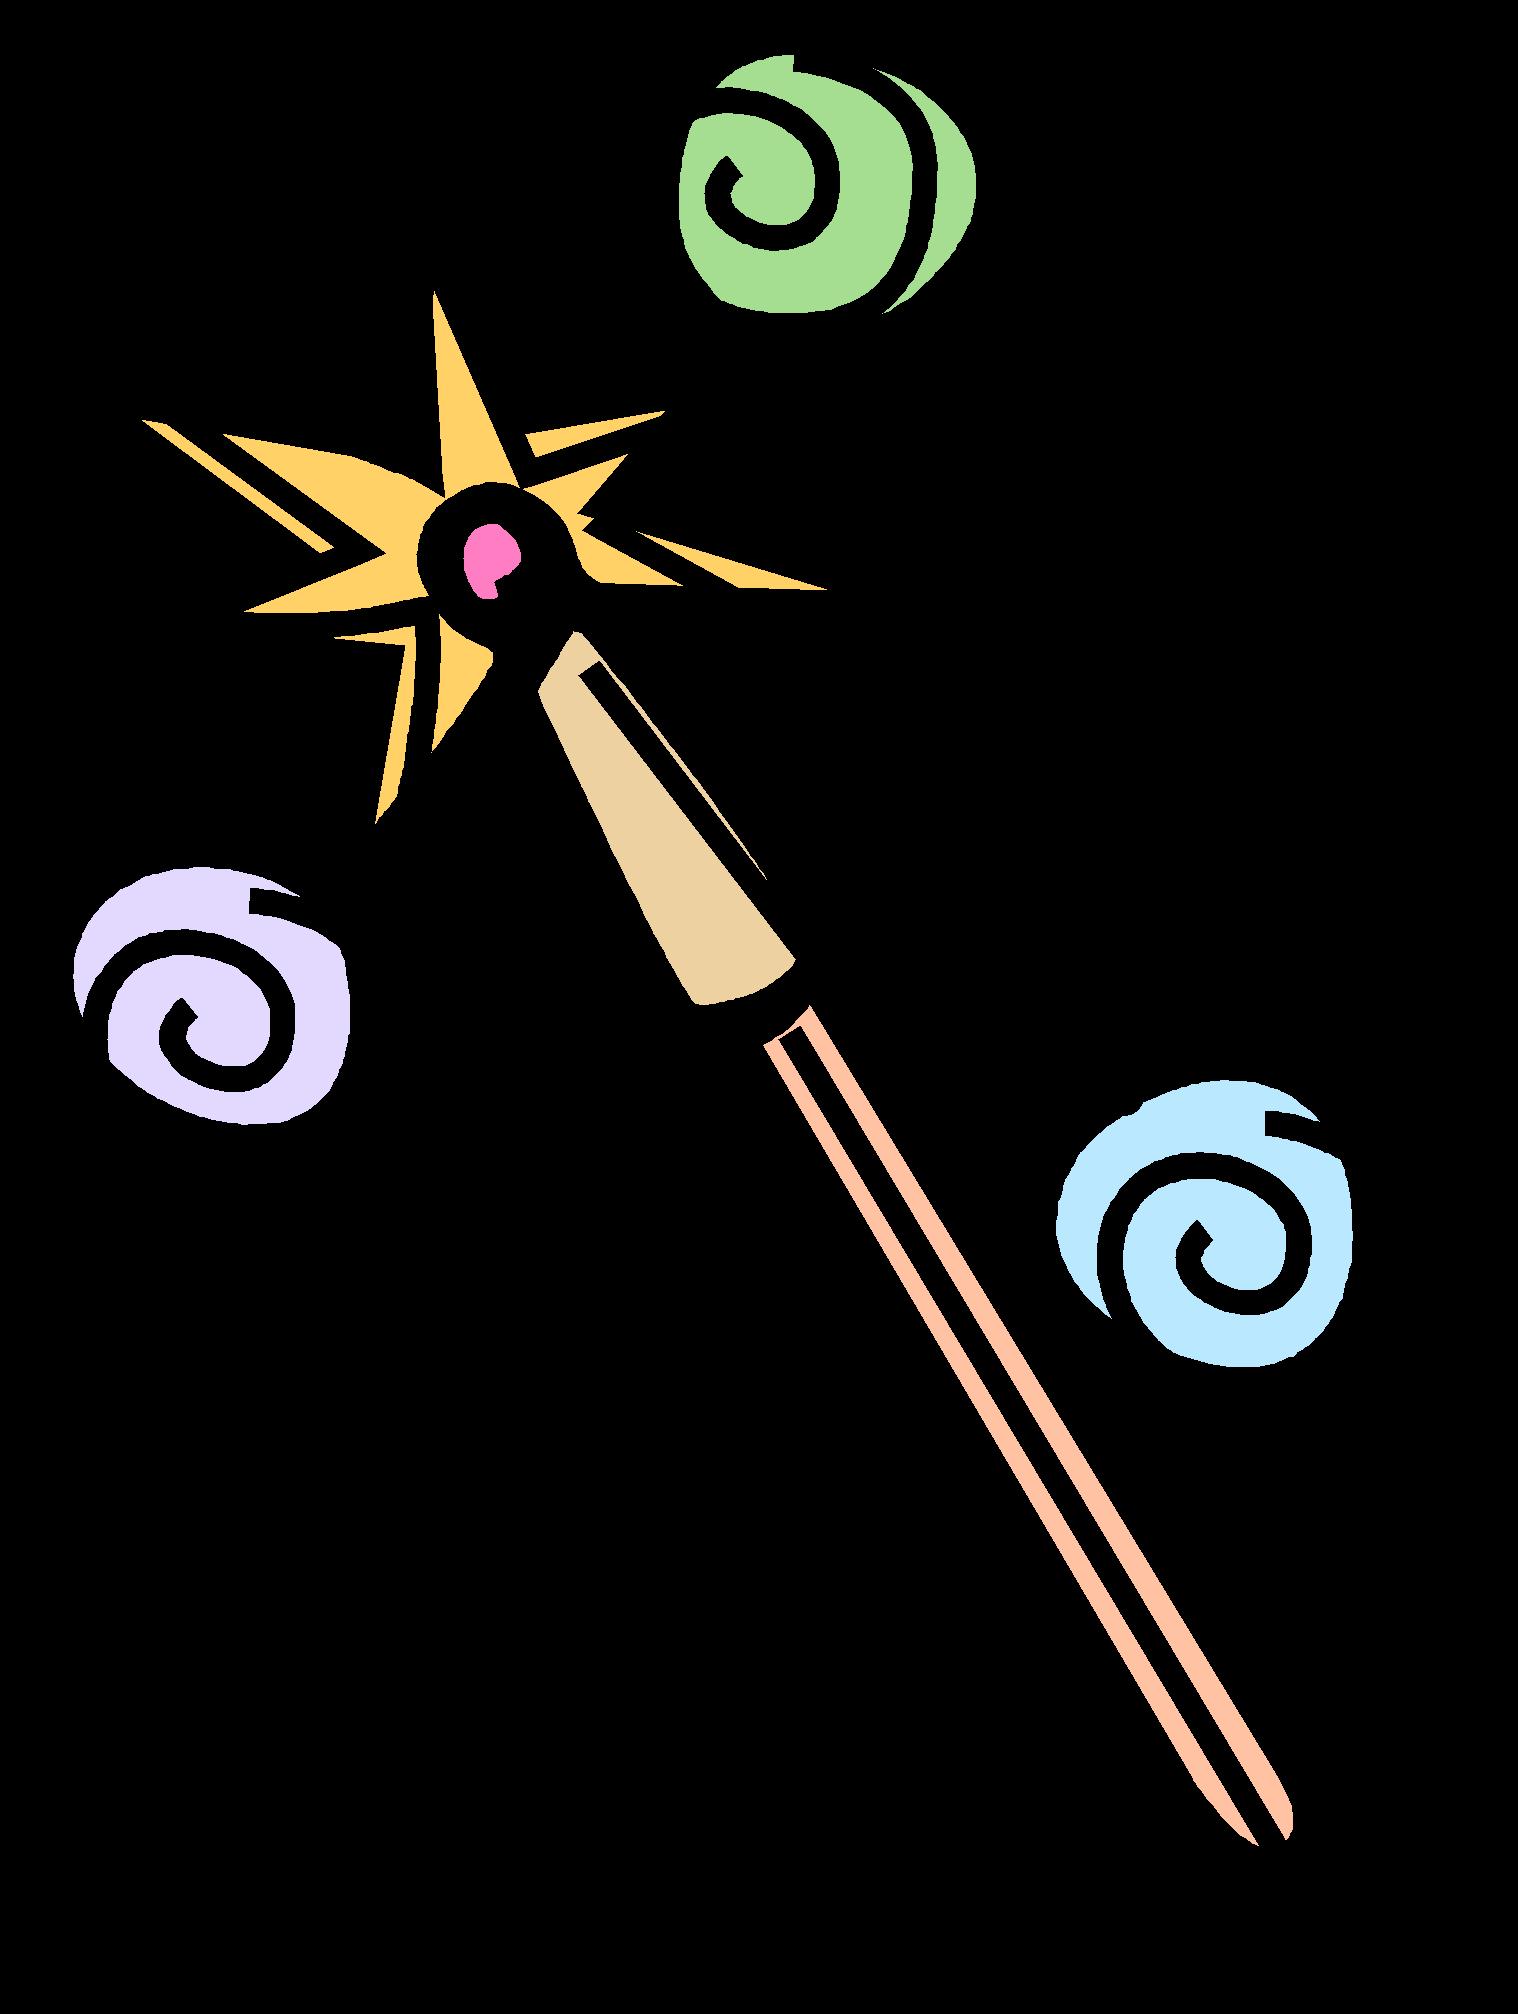 Как сделать волшебную палочку как просто